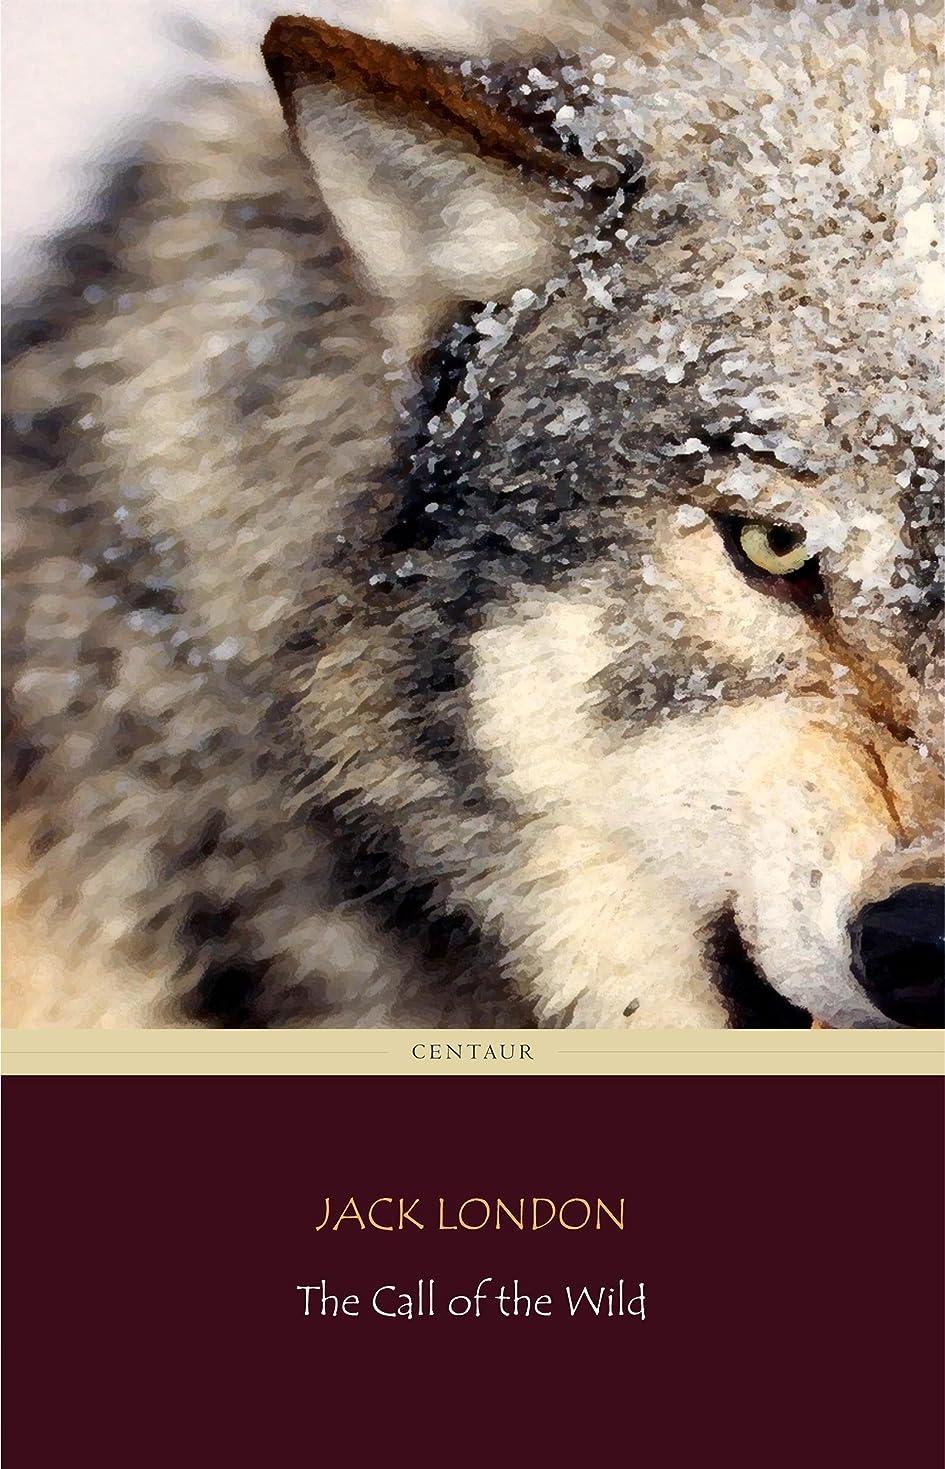 踏み台強化月曜日The Call of the Wild (Centaur Classics) [The 100 greatest novels of all time - #69] (English Edition)